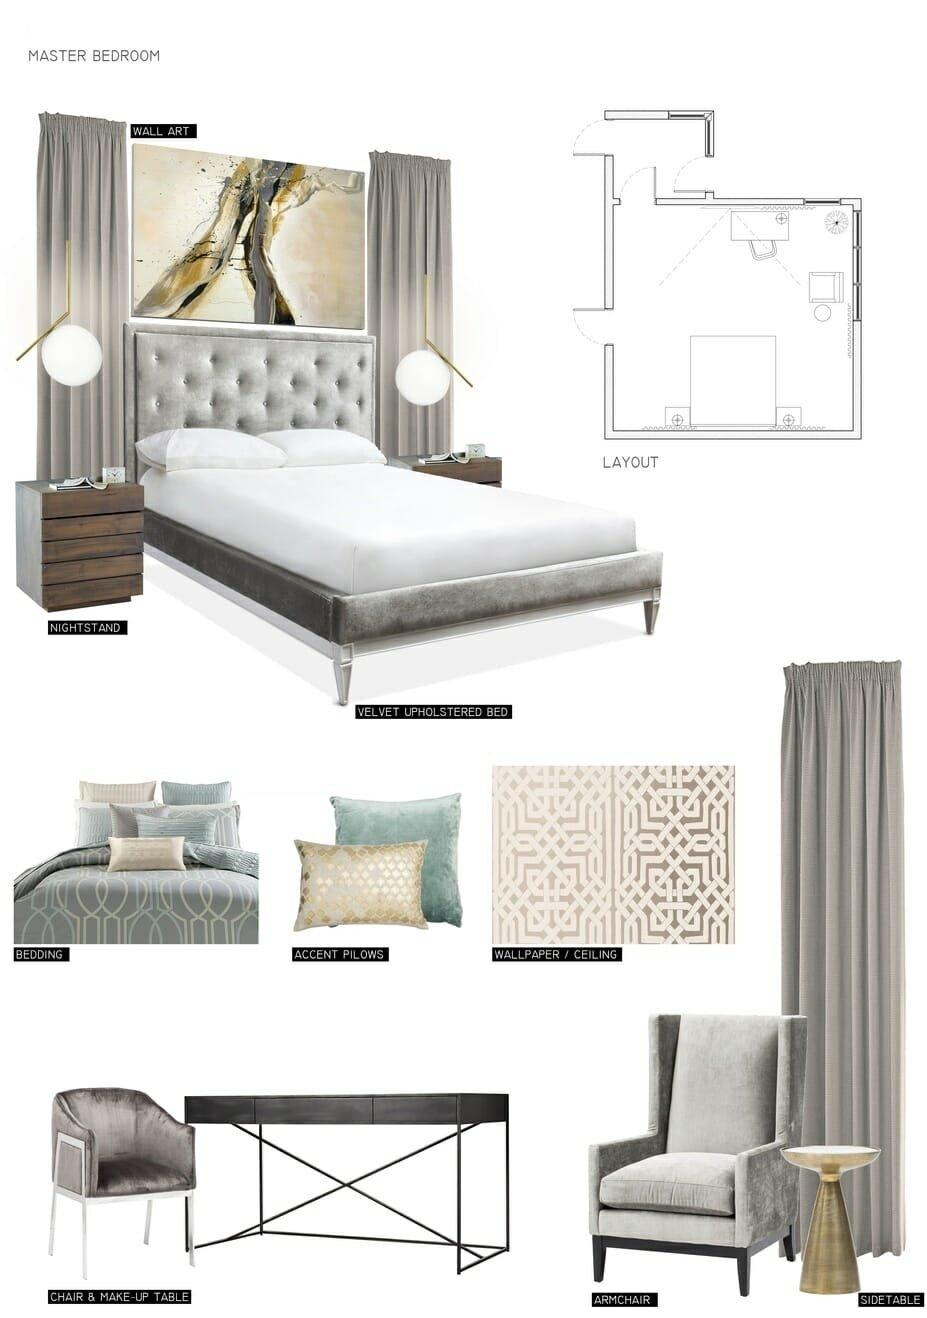 romantic bedroom online design by Decorilla designer Miaden C. - mood board